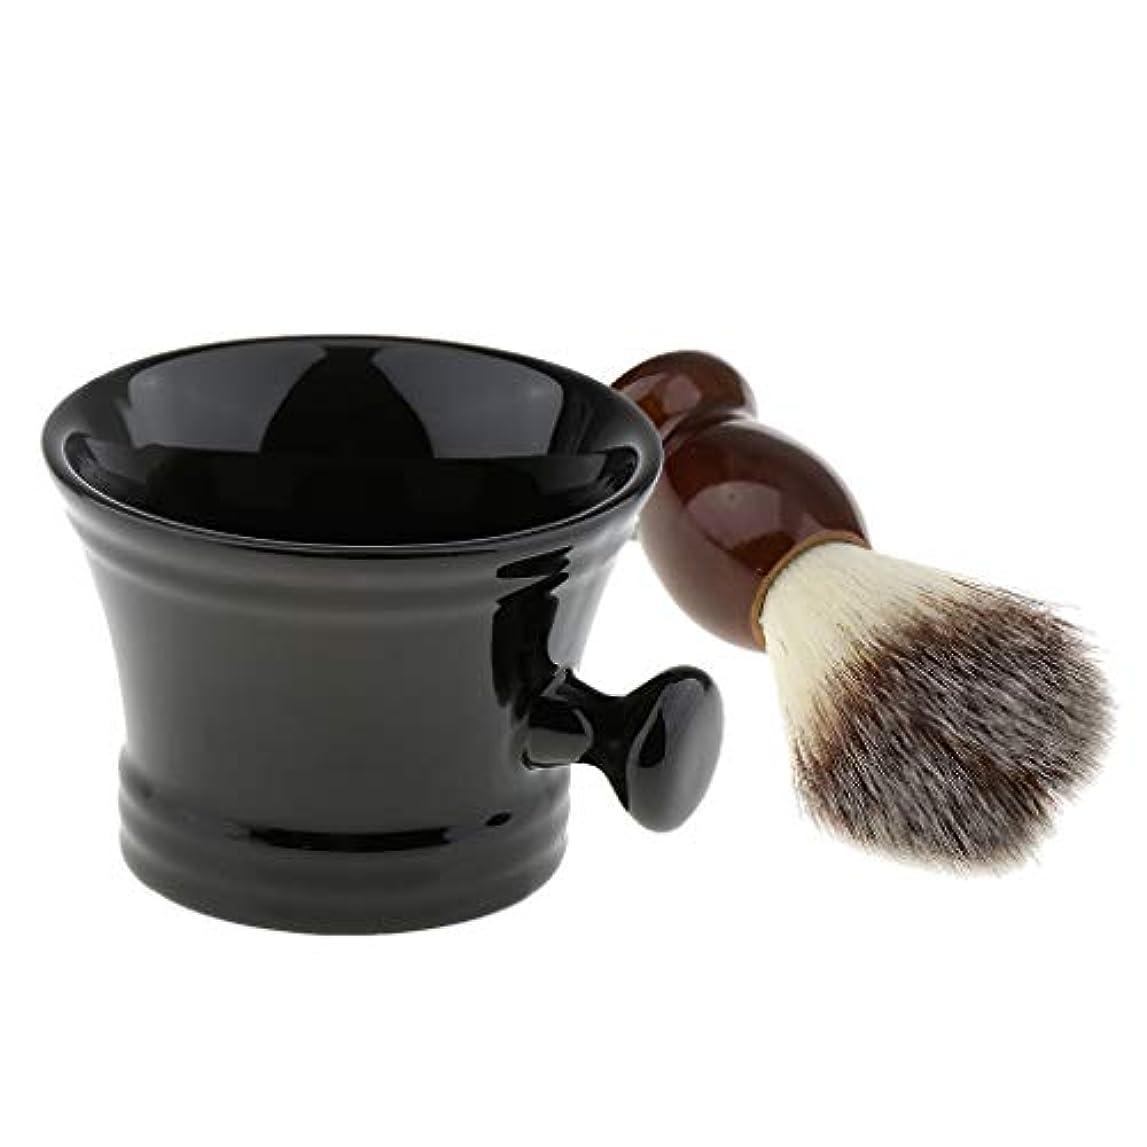 吸収オール収束するdailymall プラスチックシェービングブラシ+セラミックマグカップボウルキット男性用